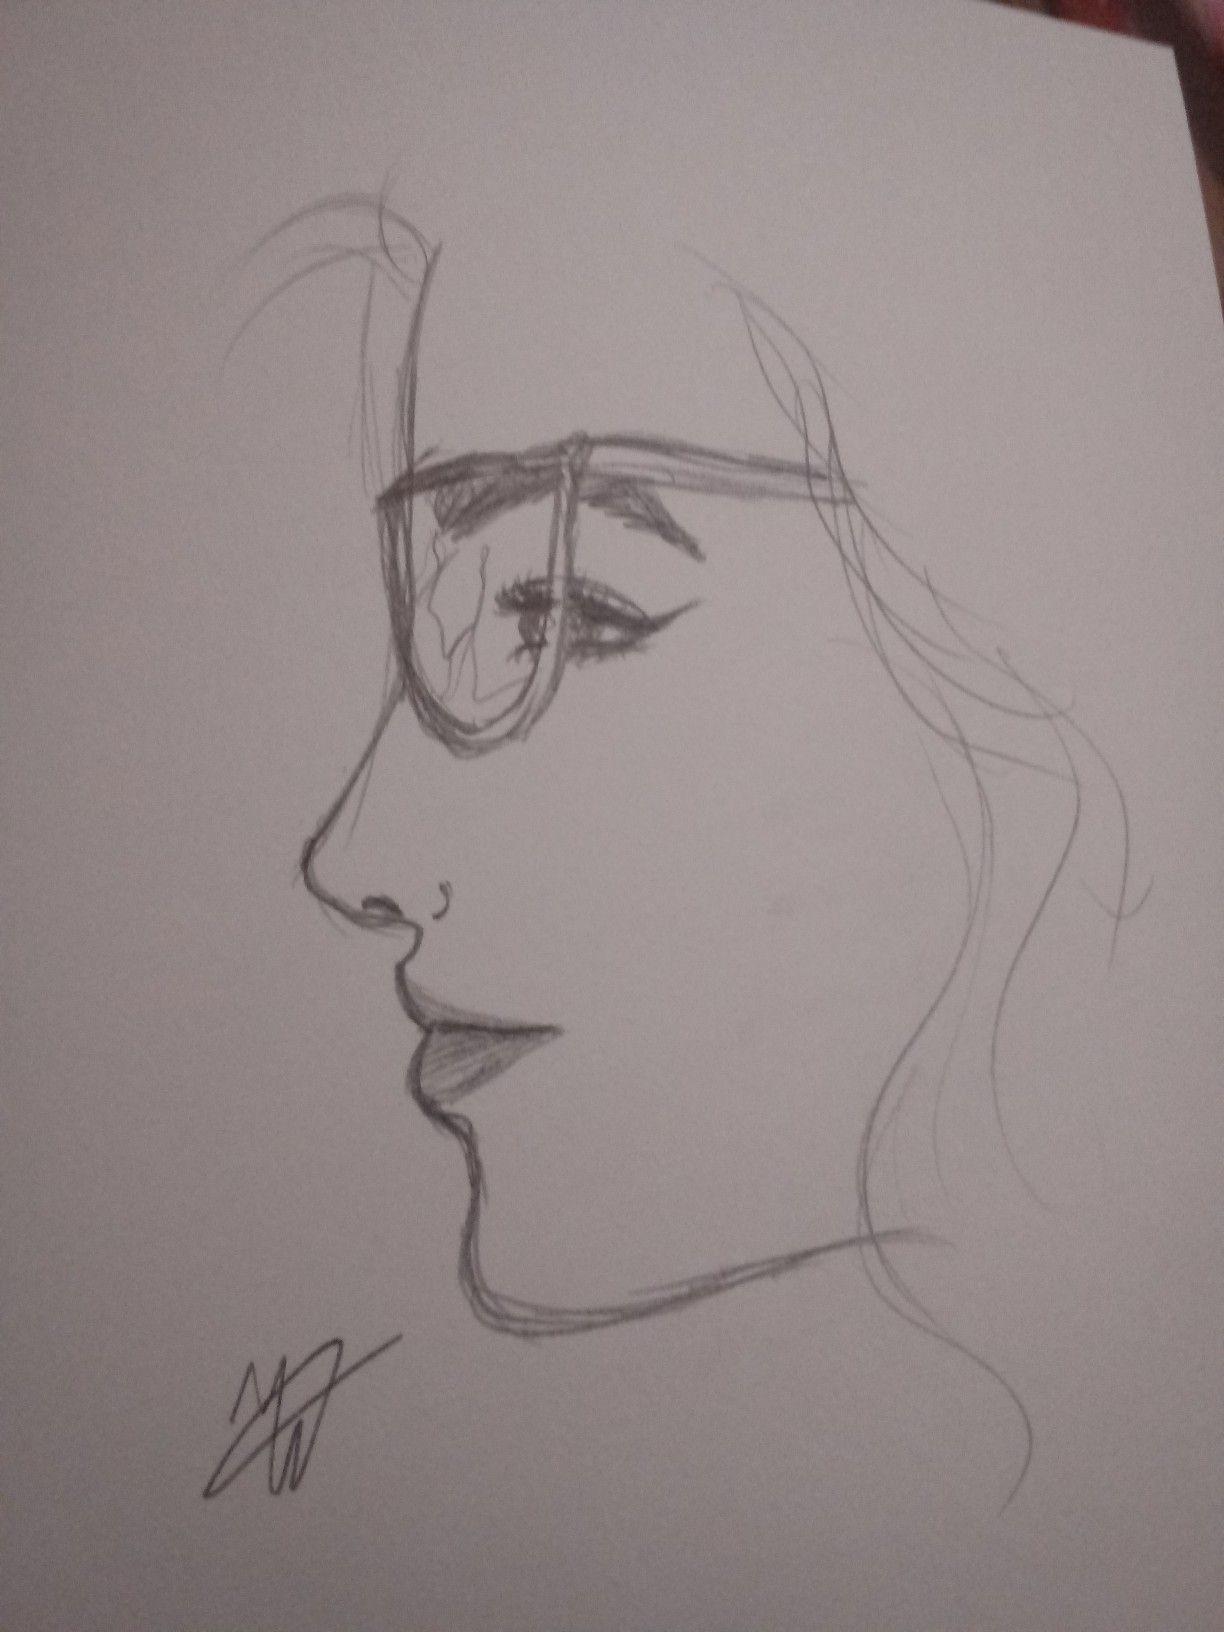 Cool Quick Drawings : quick, drawings, QUICK, SKETCH!!!!!, Drawings,, Pencil, Drawings